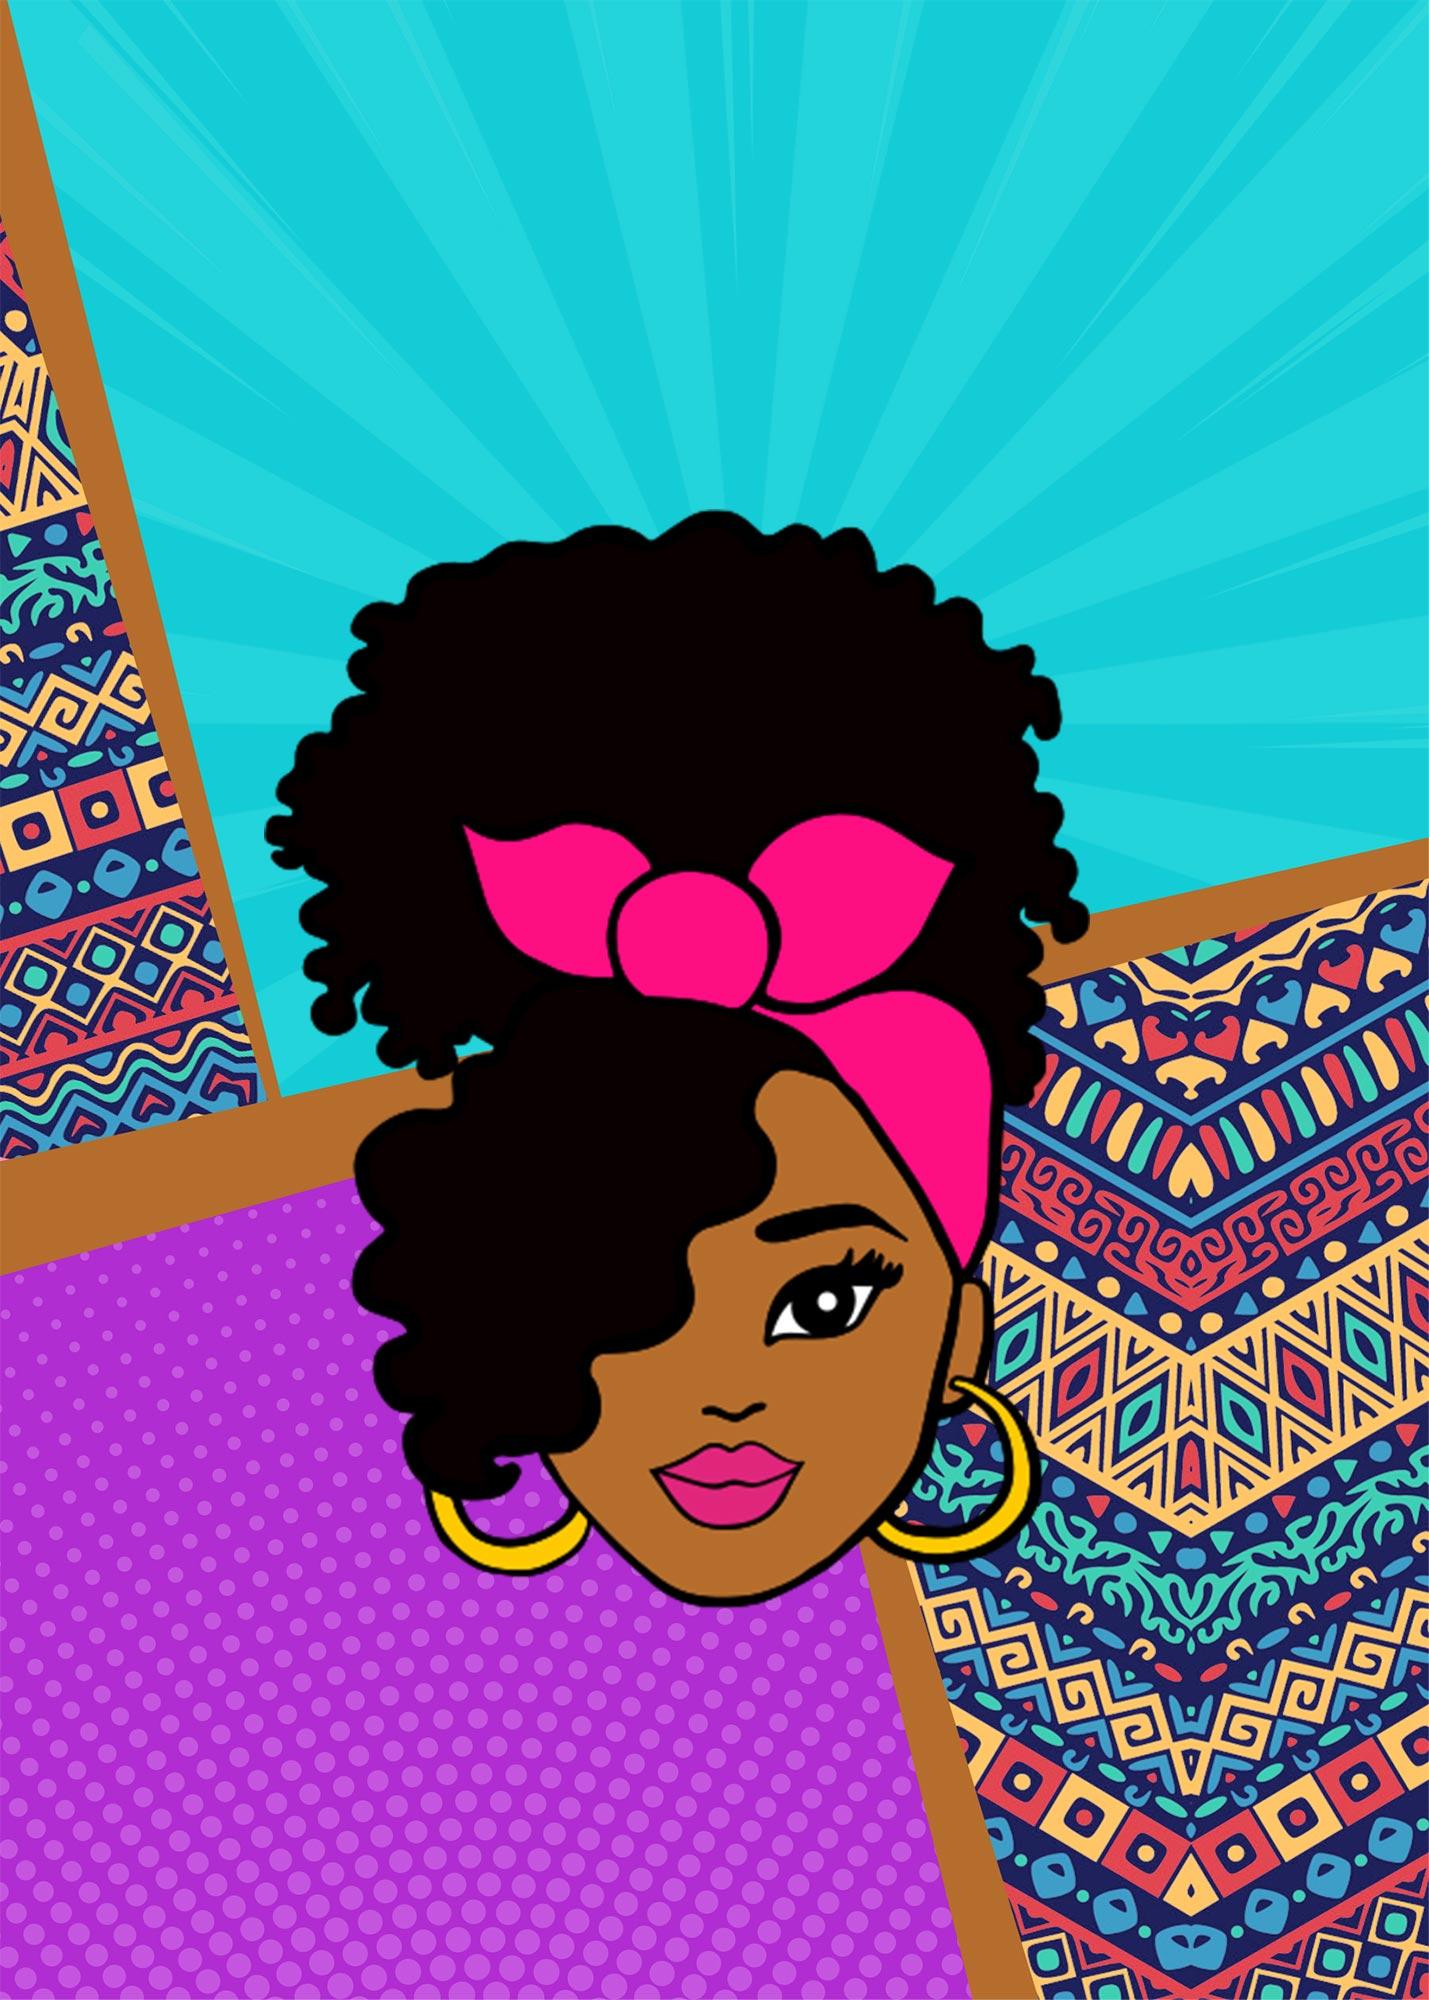 Planner Professor Mulher Afro Capa Caderno Planejamento